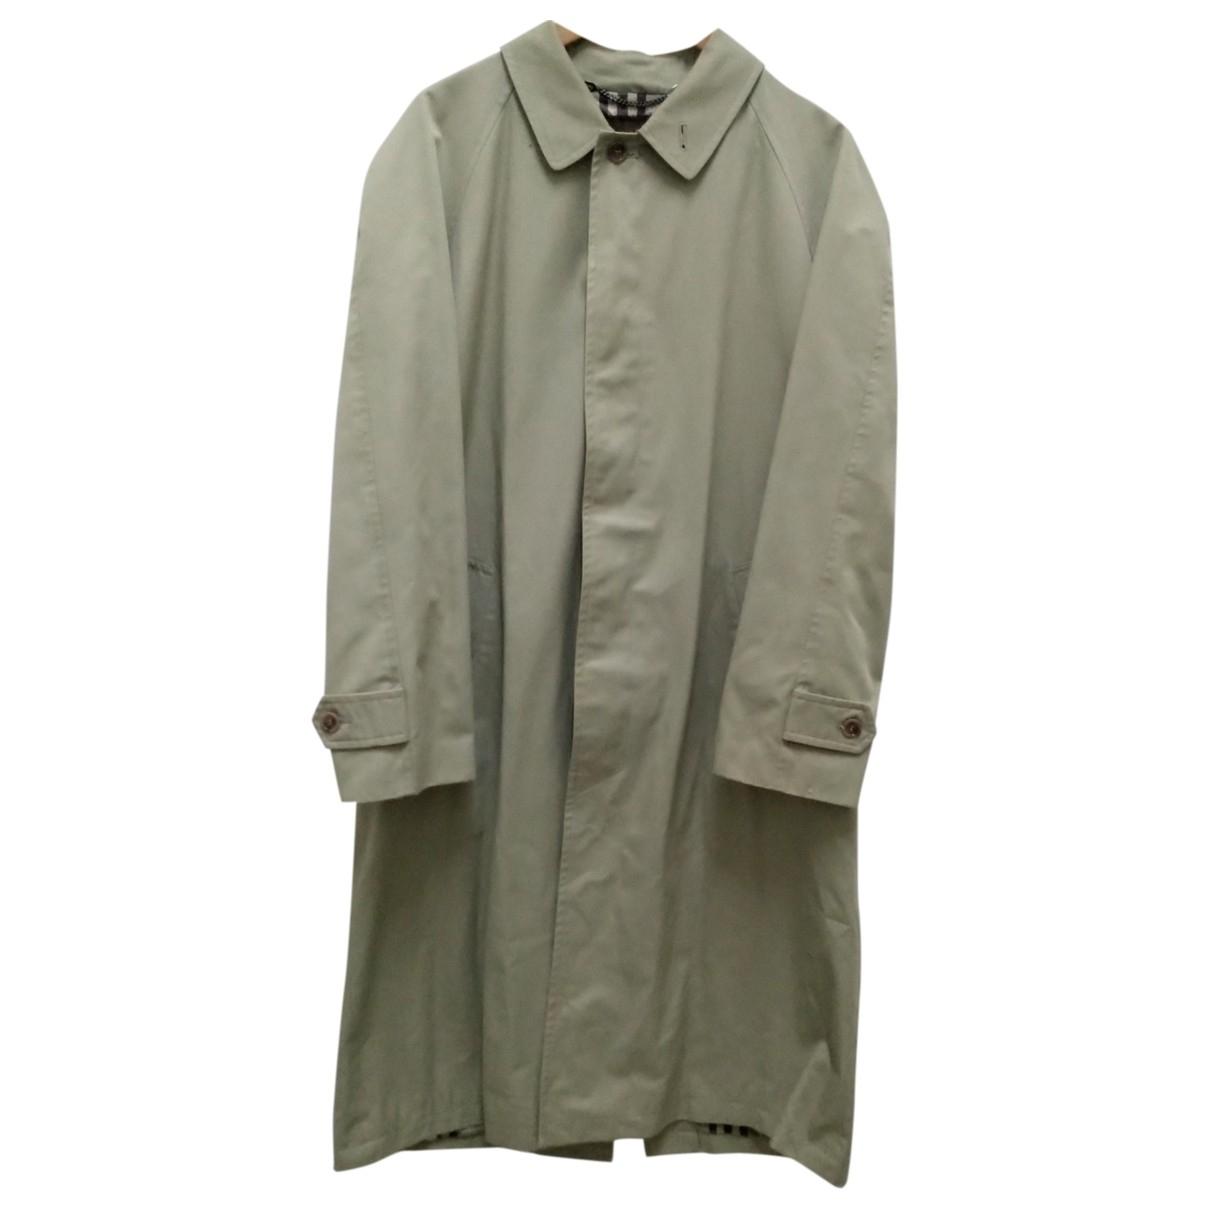 Yves Saint Laurent - Manteau   pour homme - beige